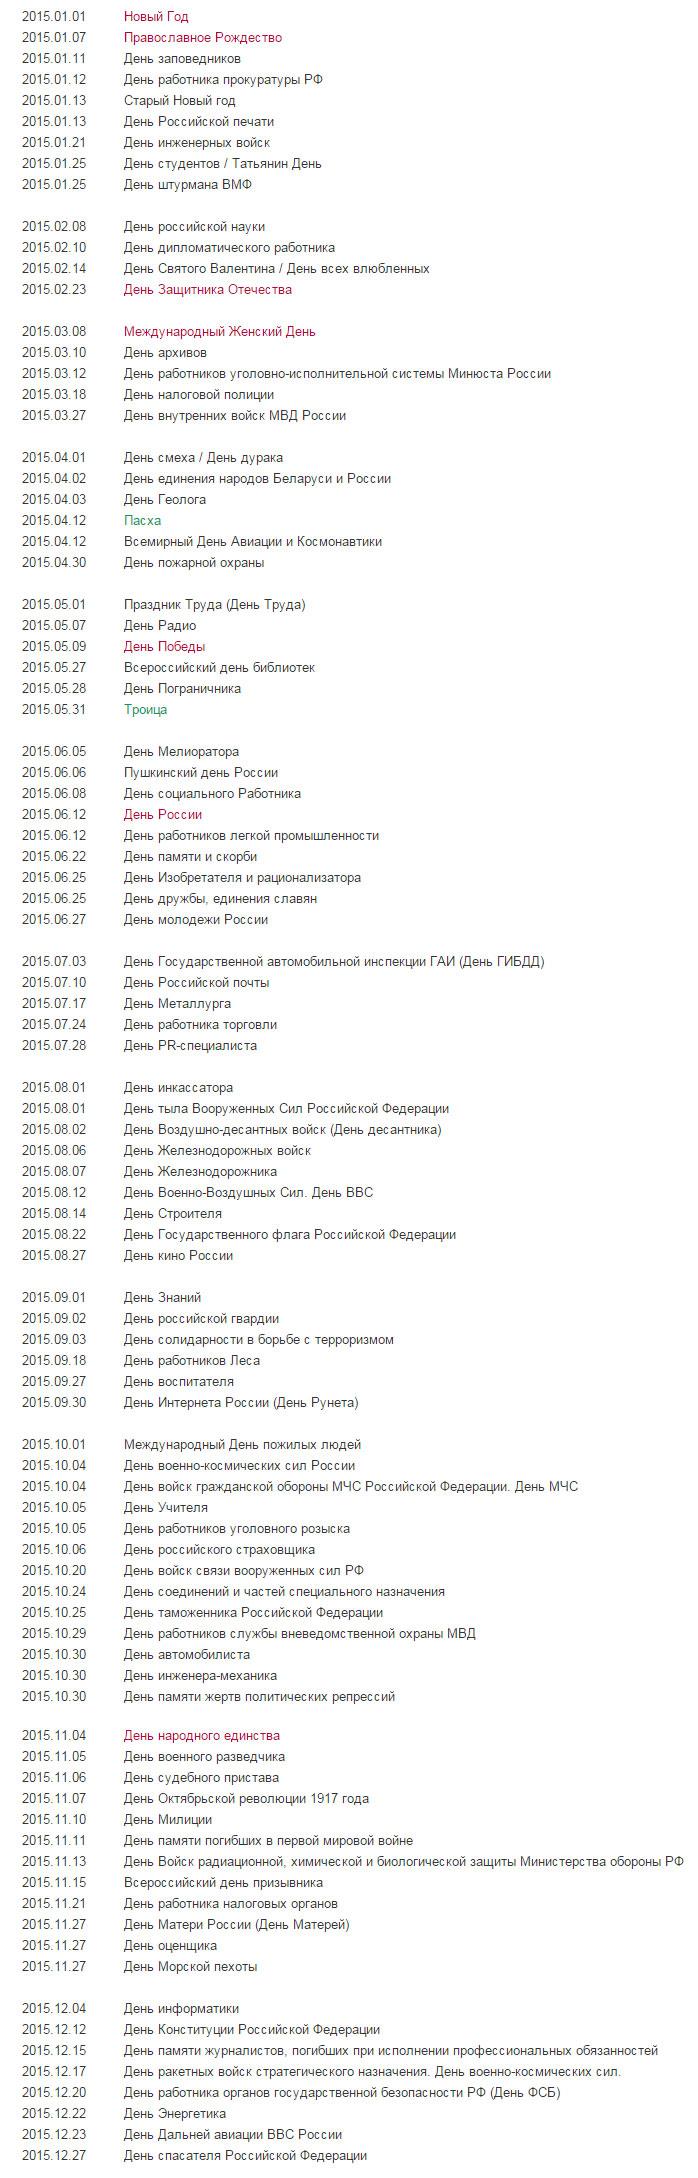 Календарь праздников на 2015 год